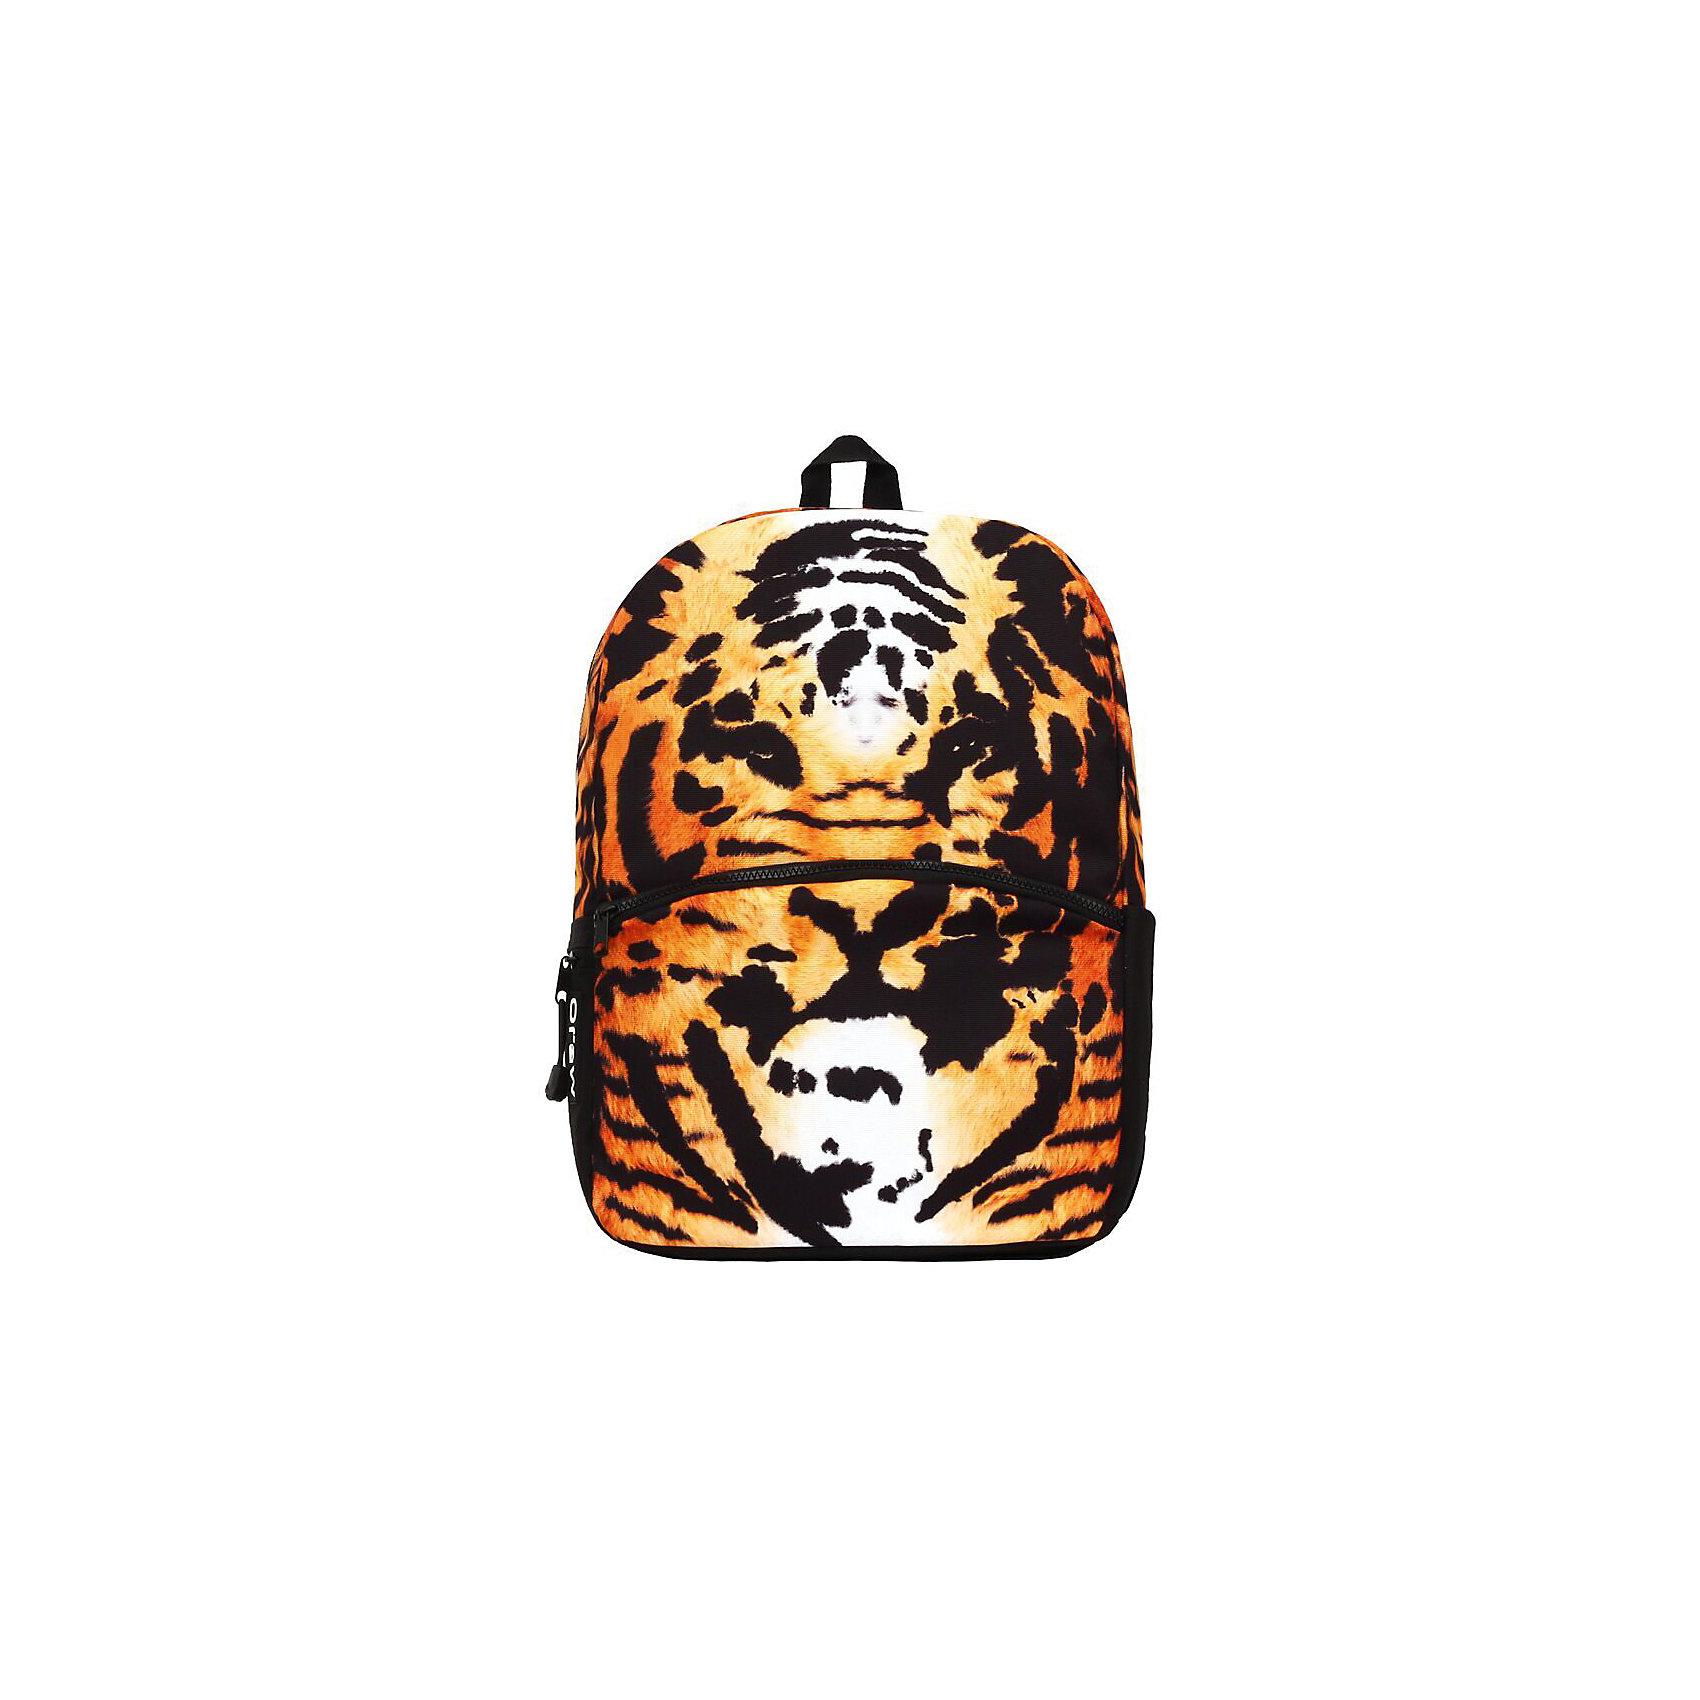 Рюкзак Tiger, цвет мультиРюкзаки<br>Вес: 0,5 кг<br>Размер: 43х30х16 см<br>Состав: рюкзак<br>Наличие светоотражающих элементов: нет<br>Материал: полиэстер<br><br>Ширина мм: 430<br>Глубина мм: 300<br>Высота мм: 160<br>Вес г: 500<br>Возраст от месяцев: 120<br>Возраст до месяцев: 720<br>Пол: Унисекс<br>Возраст: Детский<br>SKU: 7054141